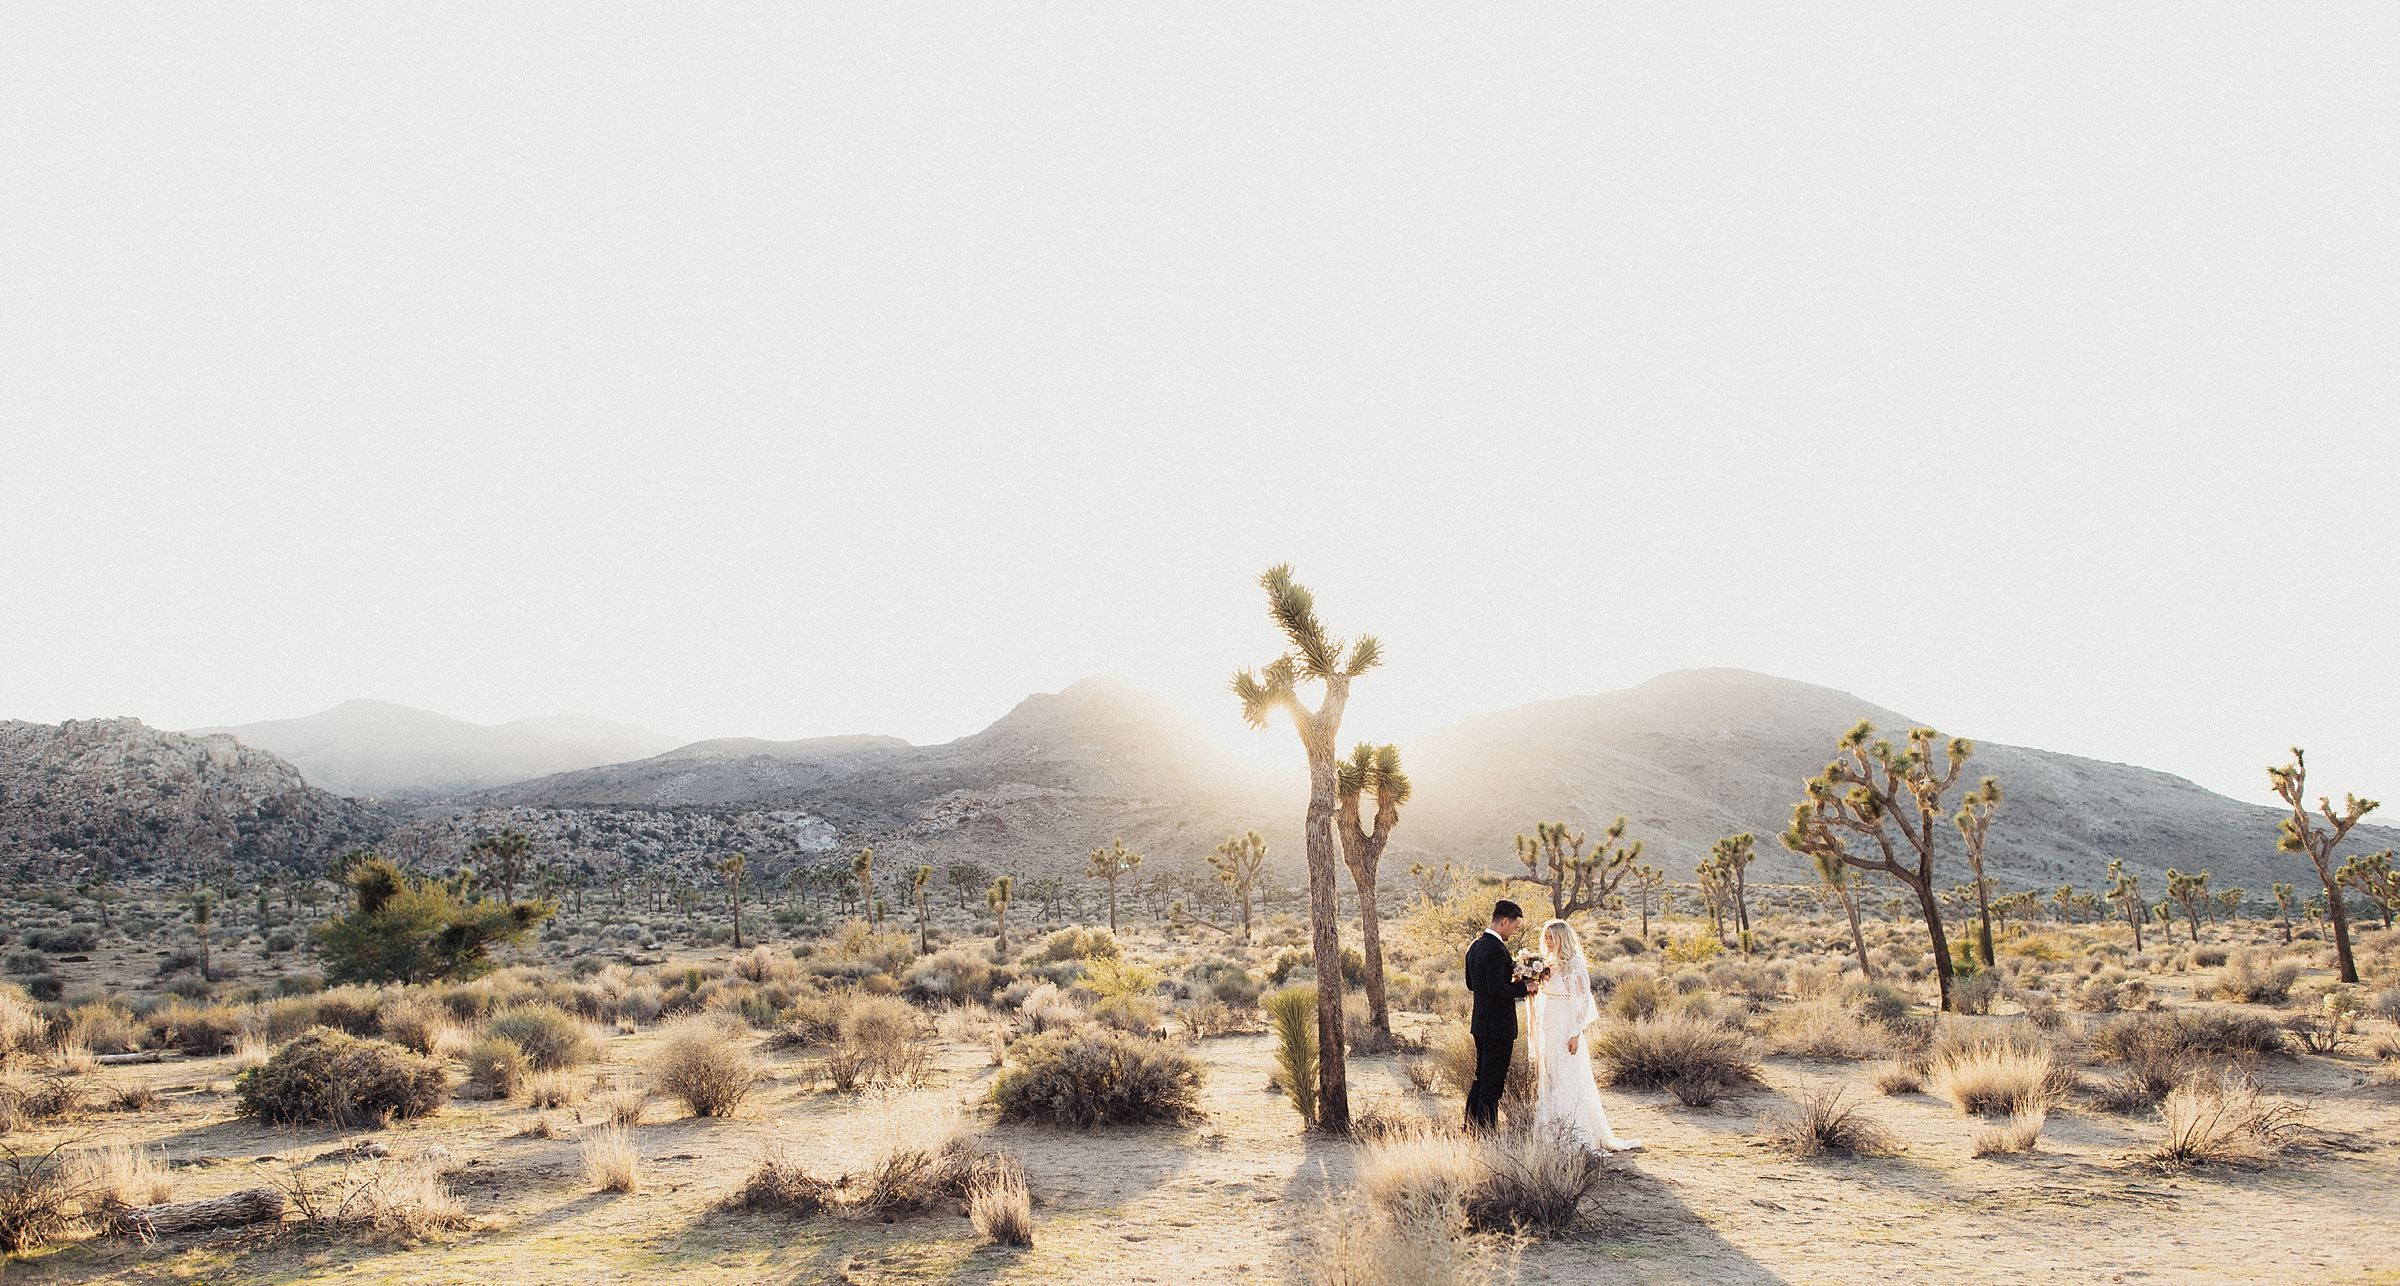 wedding portraits at cactus moon retreat venue